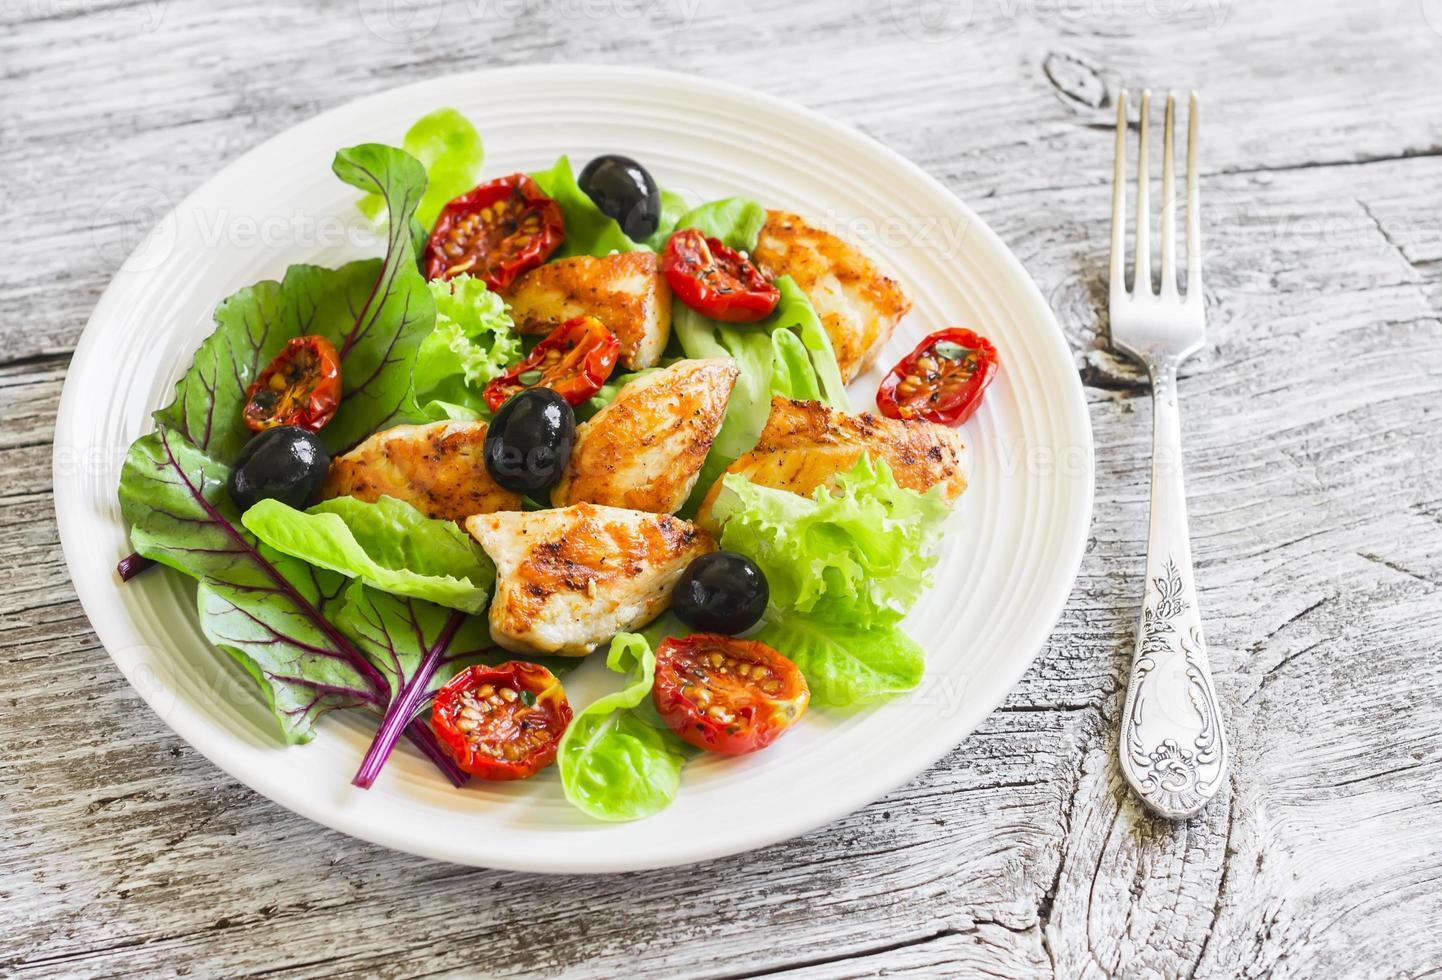 färsk sallad med kycklingbröst, soltorkade tomater, grön sallad foto